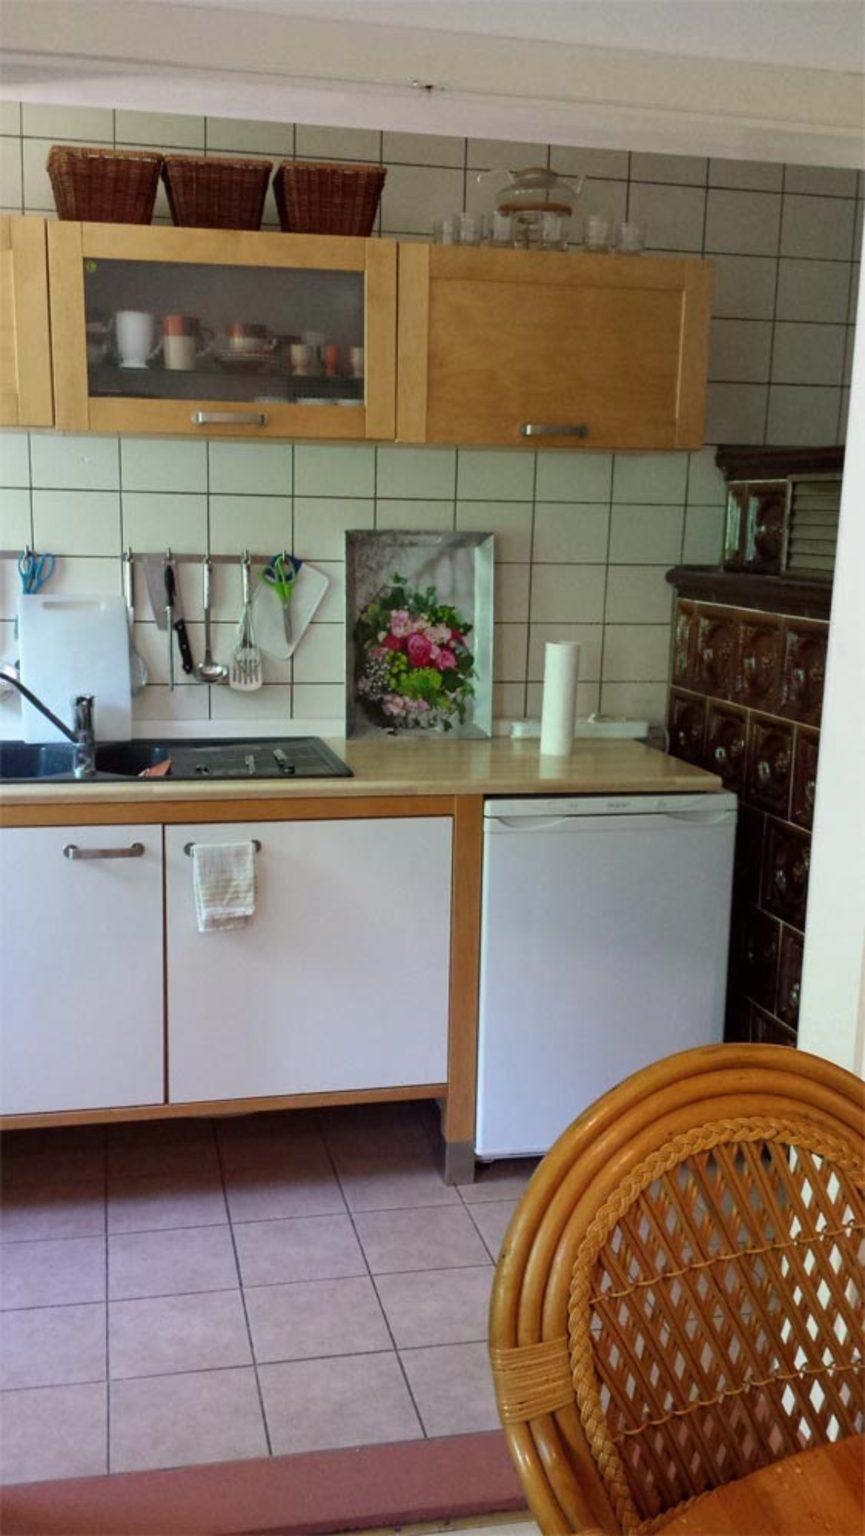 Ferienhaus Mahlow BRA 011, BRA 011